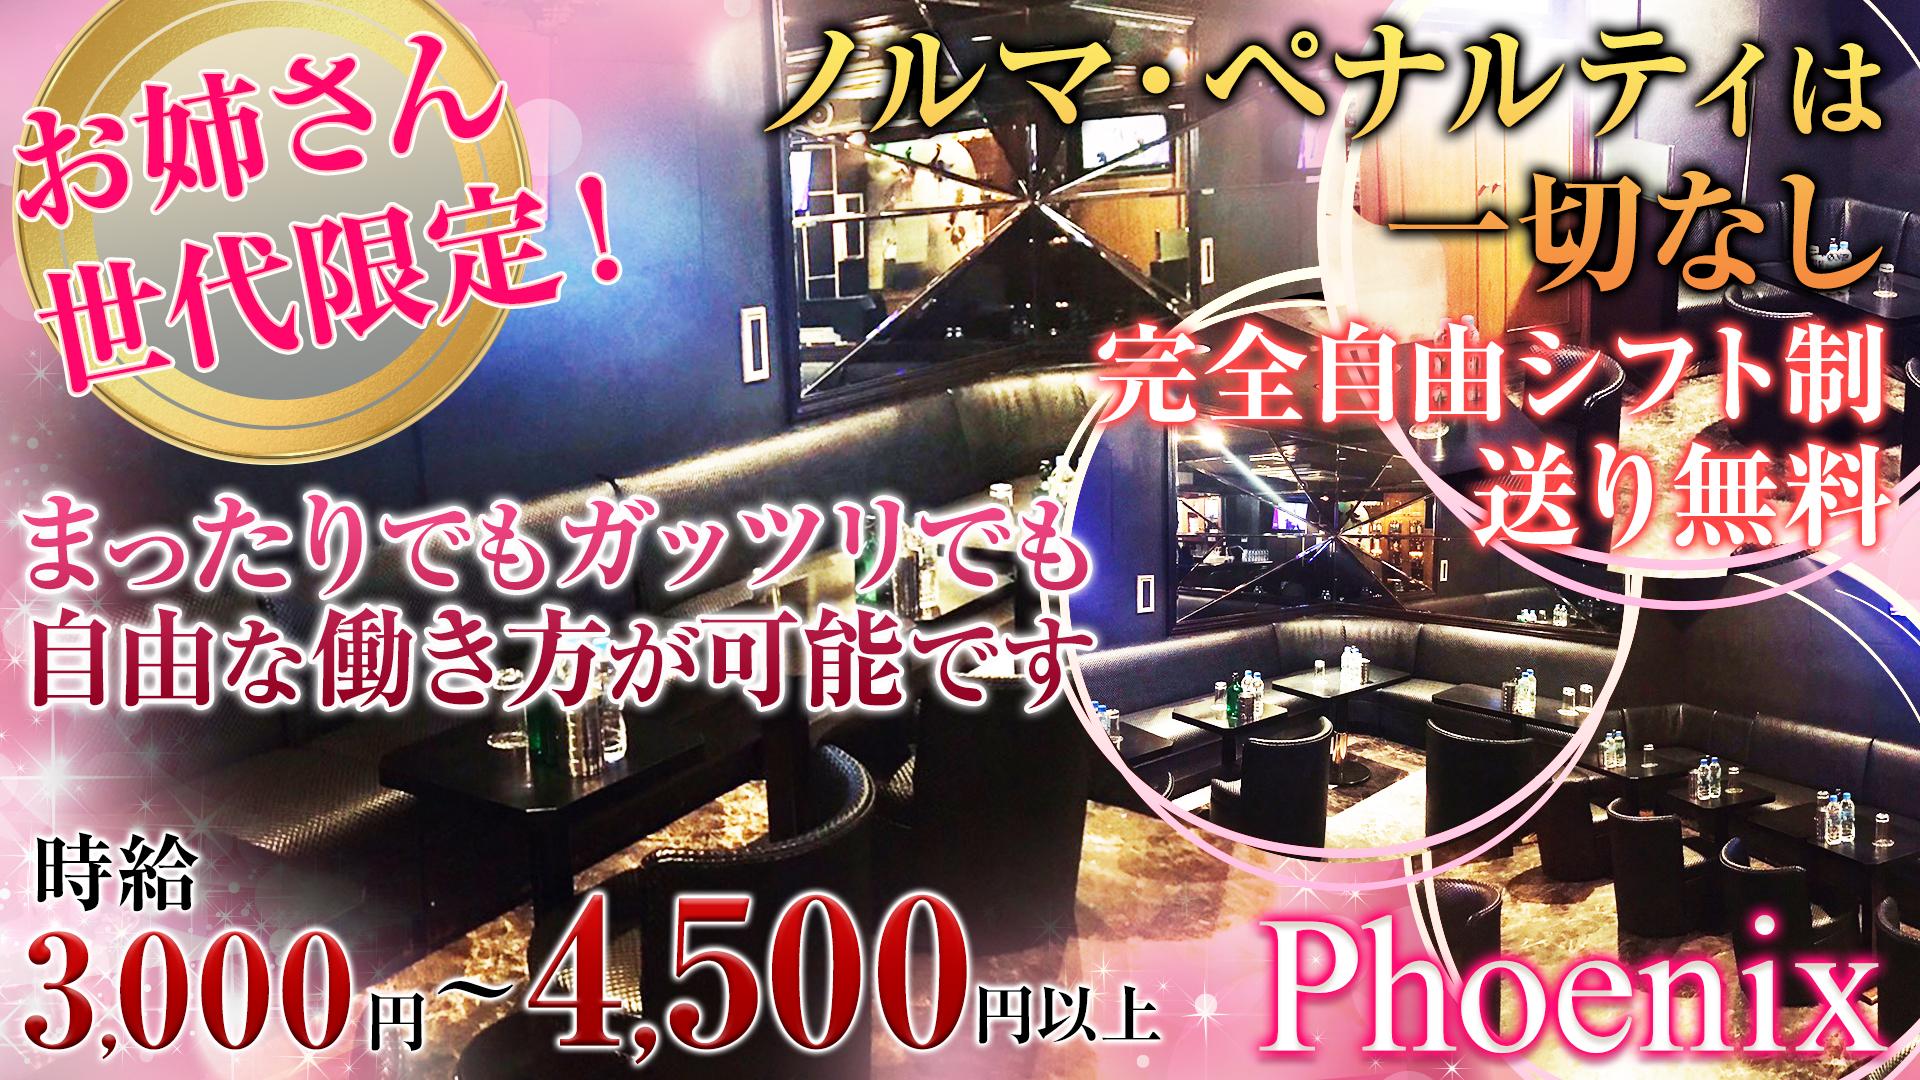 Pub phoenix[フェニックス] 大宮 キャバクラ TOP画像